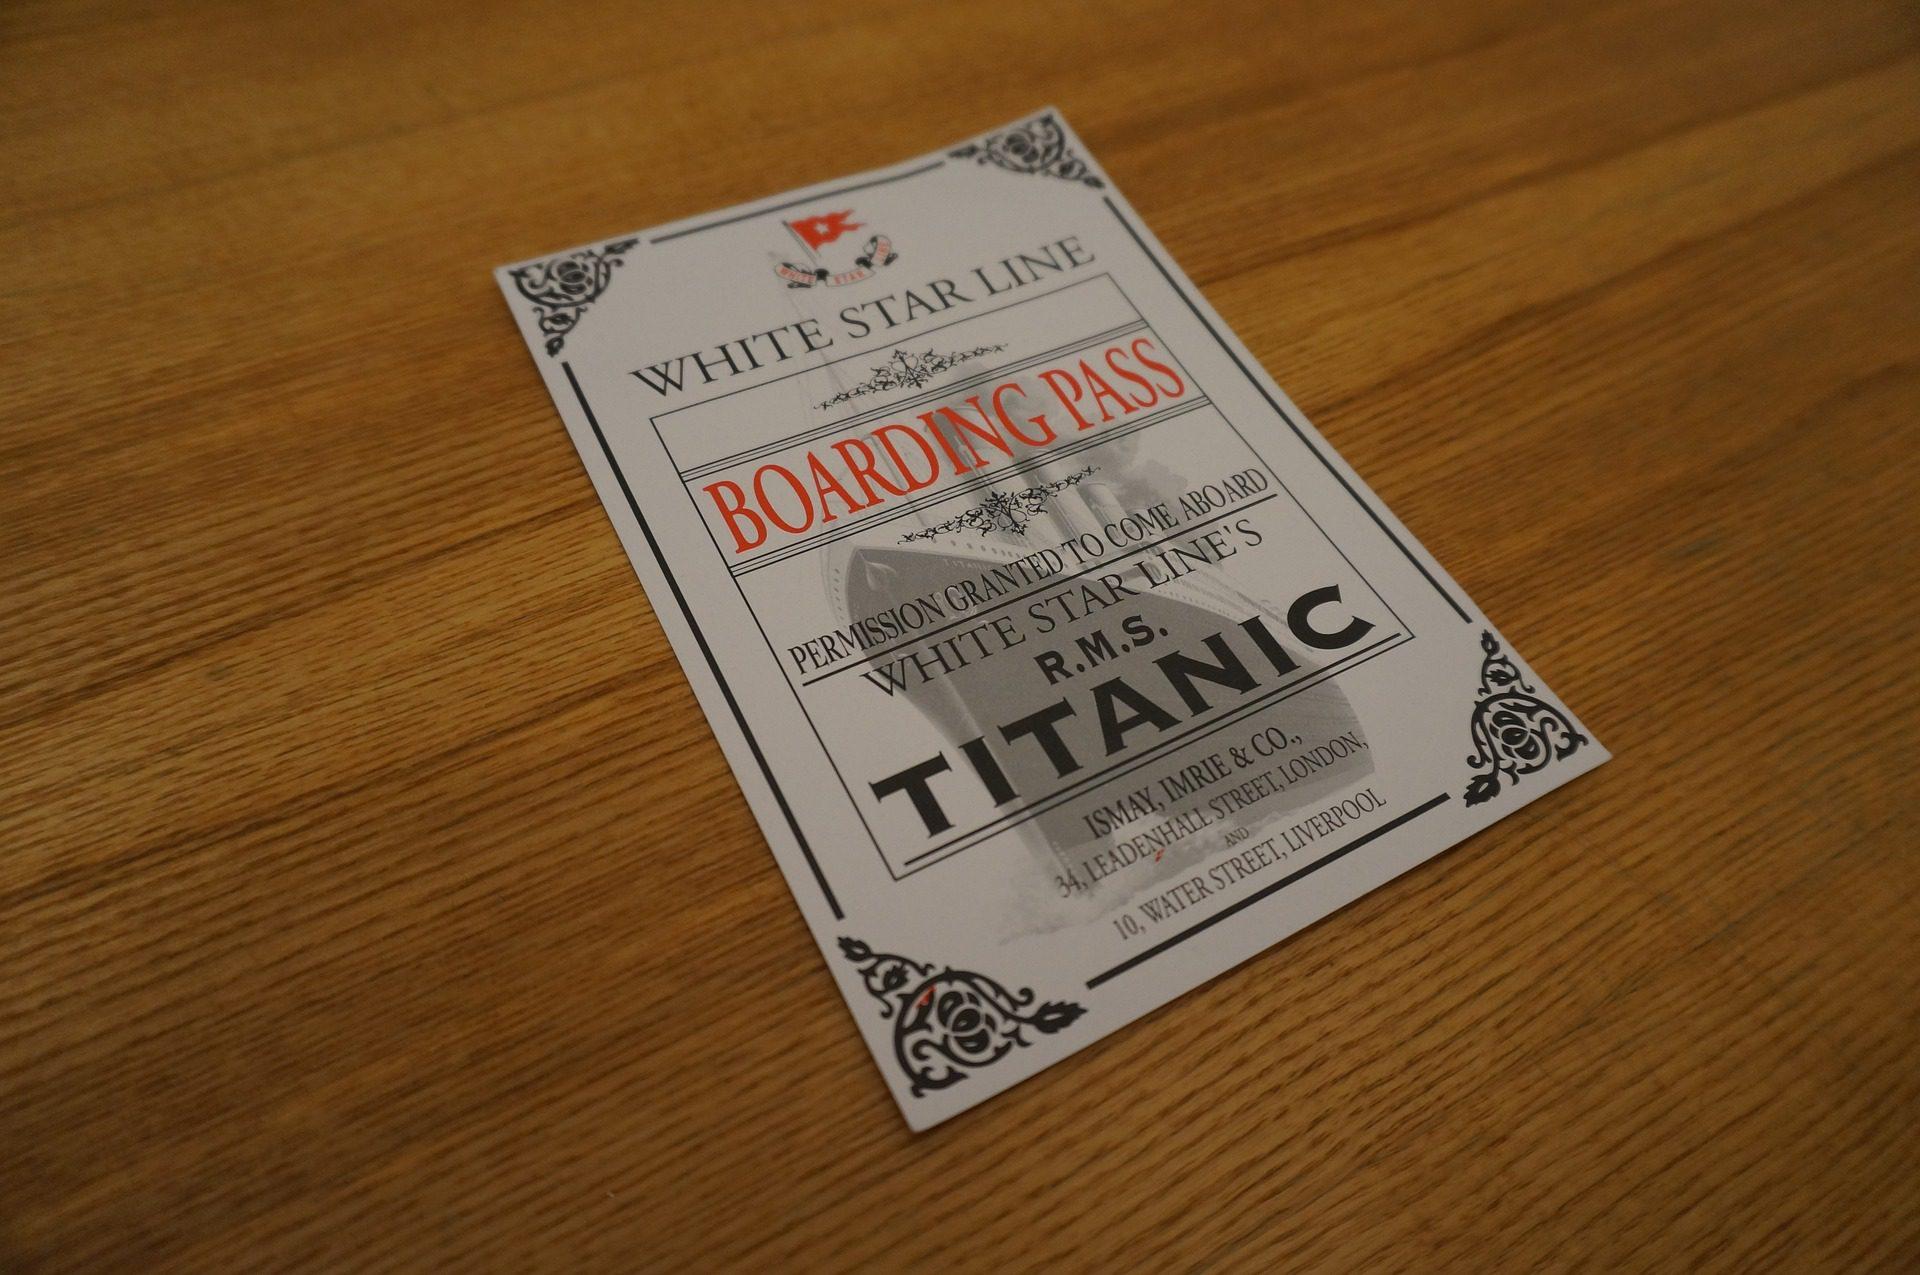 Biglietto titanic